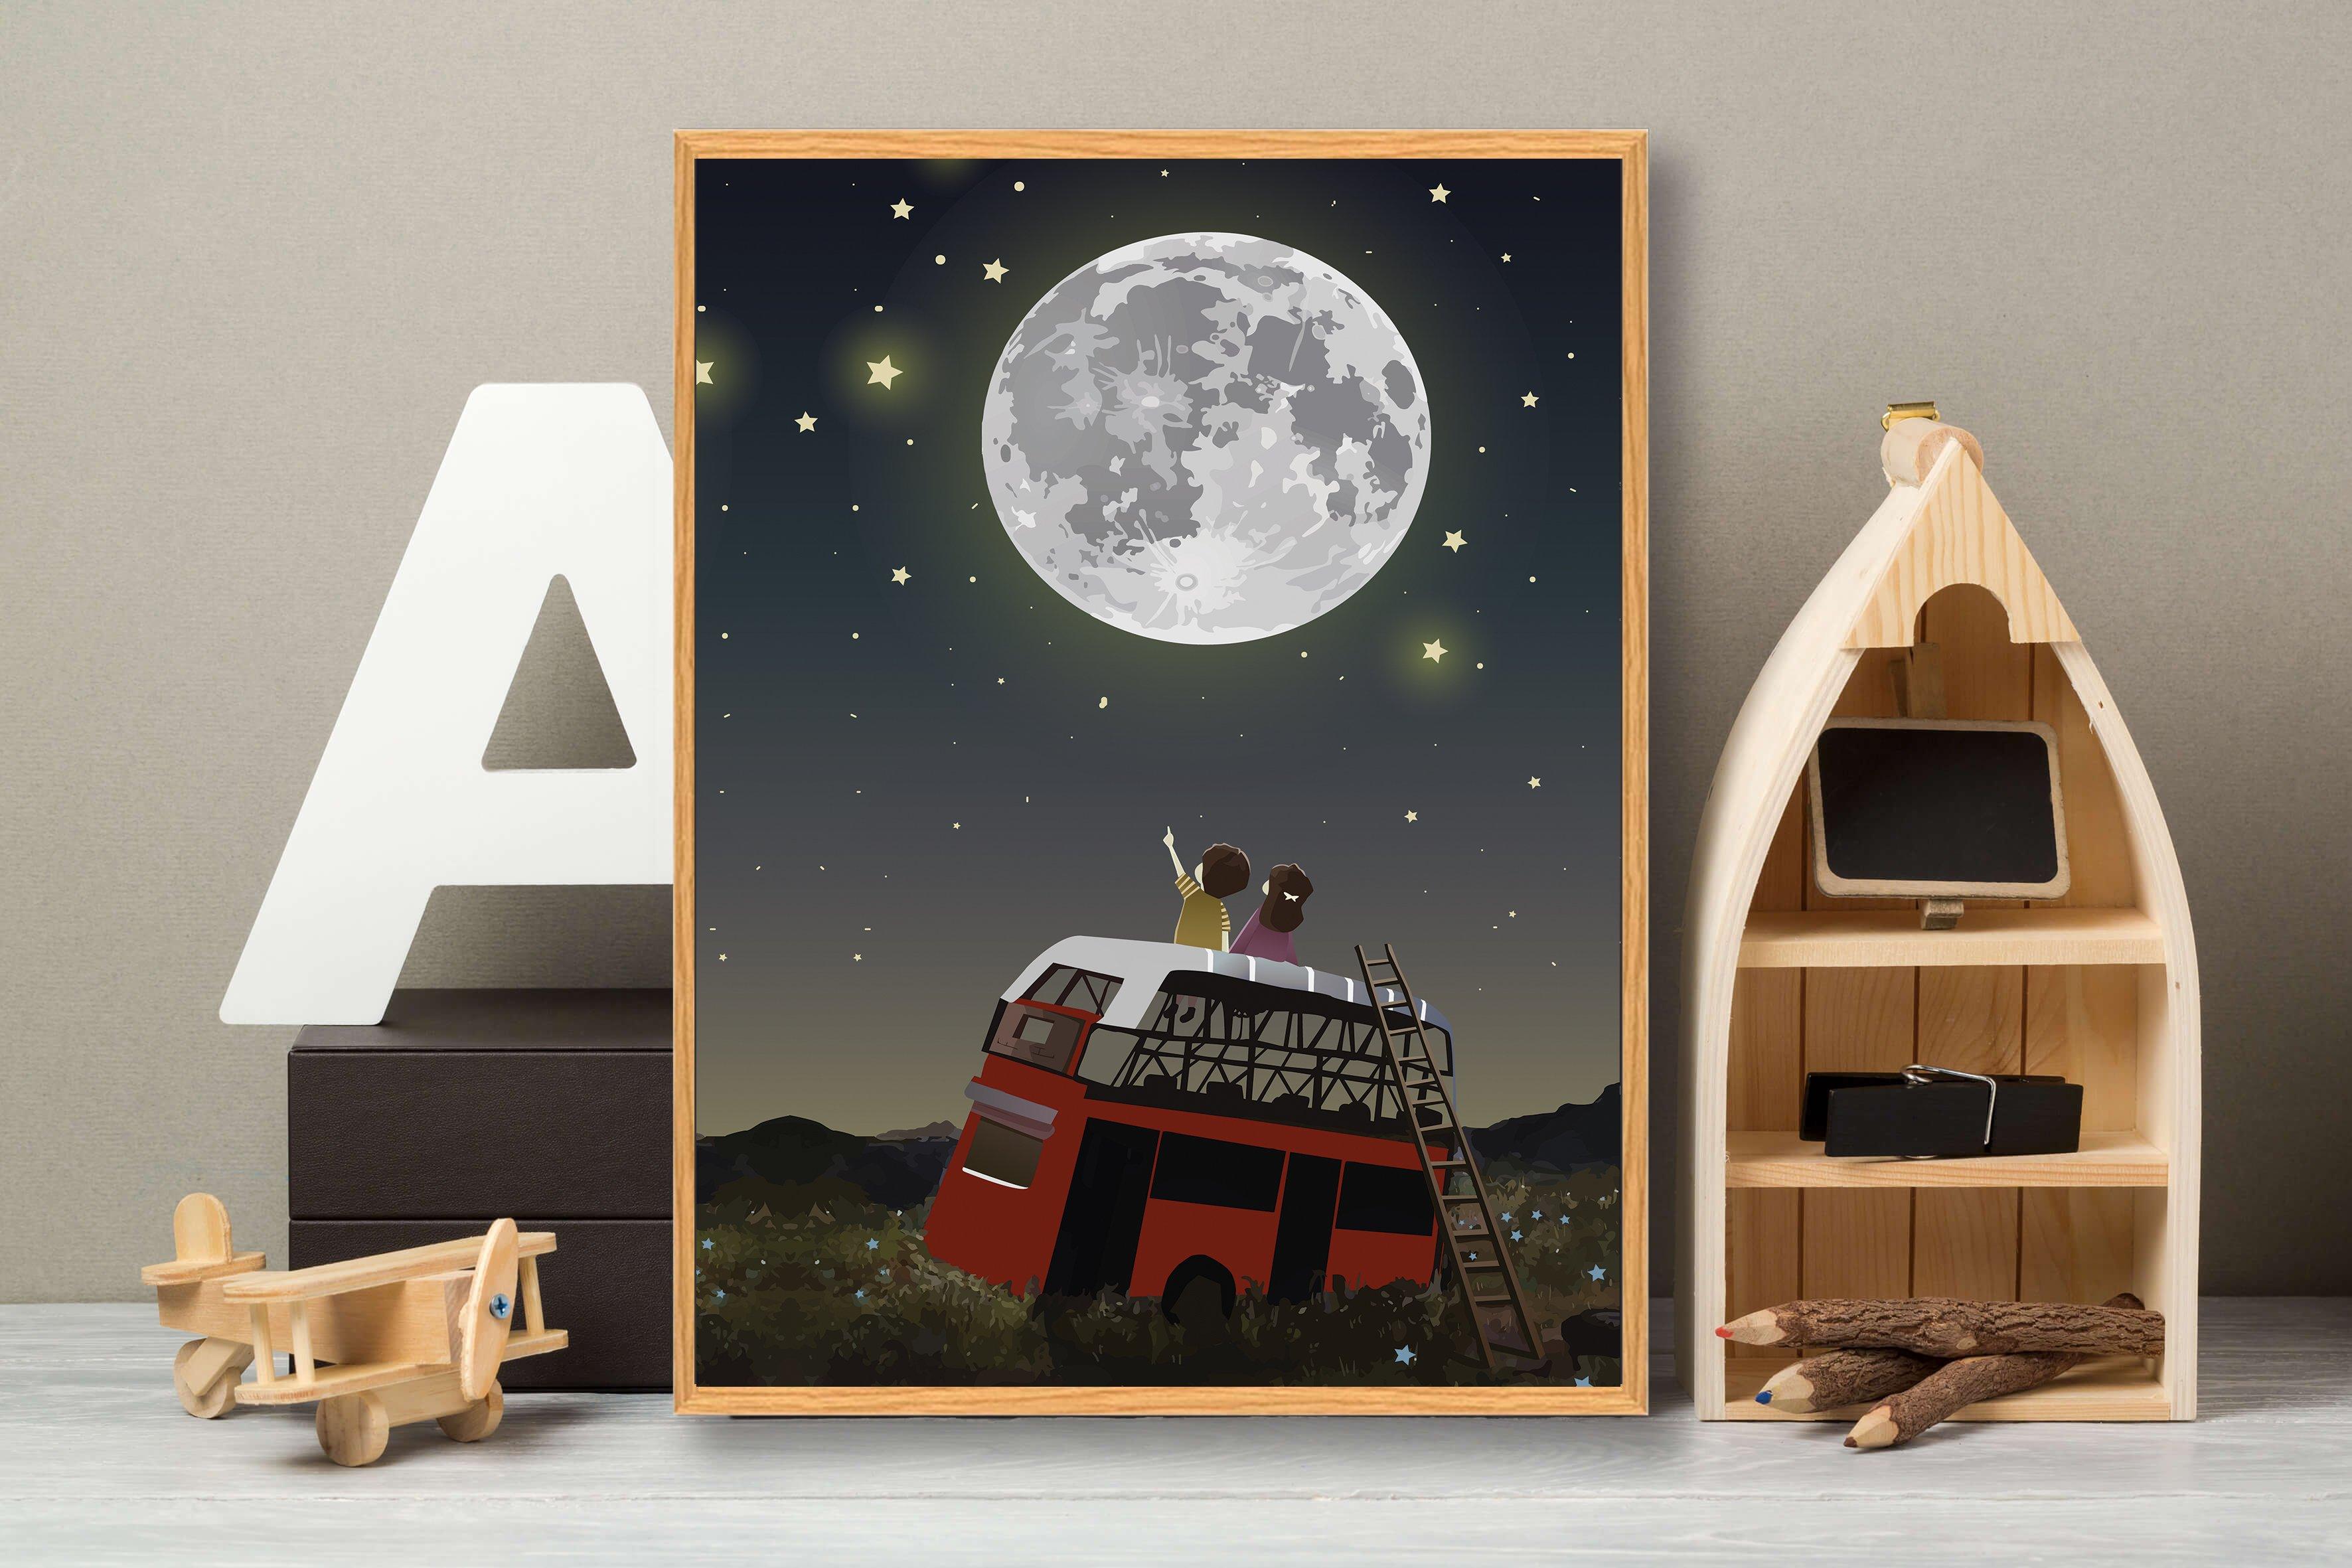 stjernehimmel-plakat-2